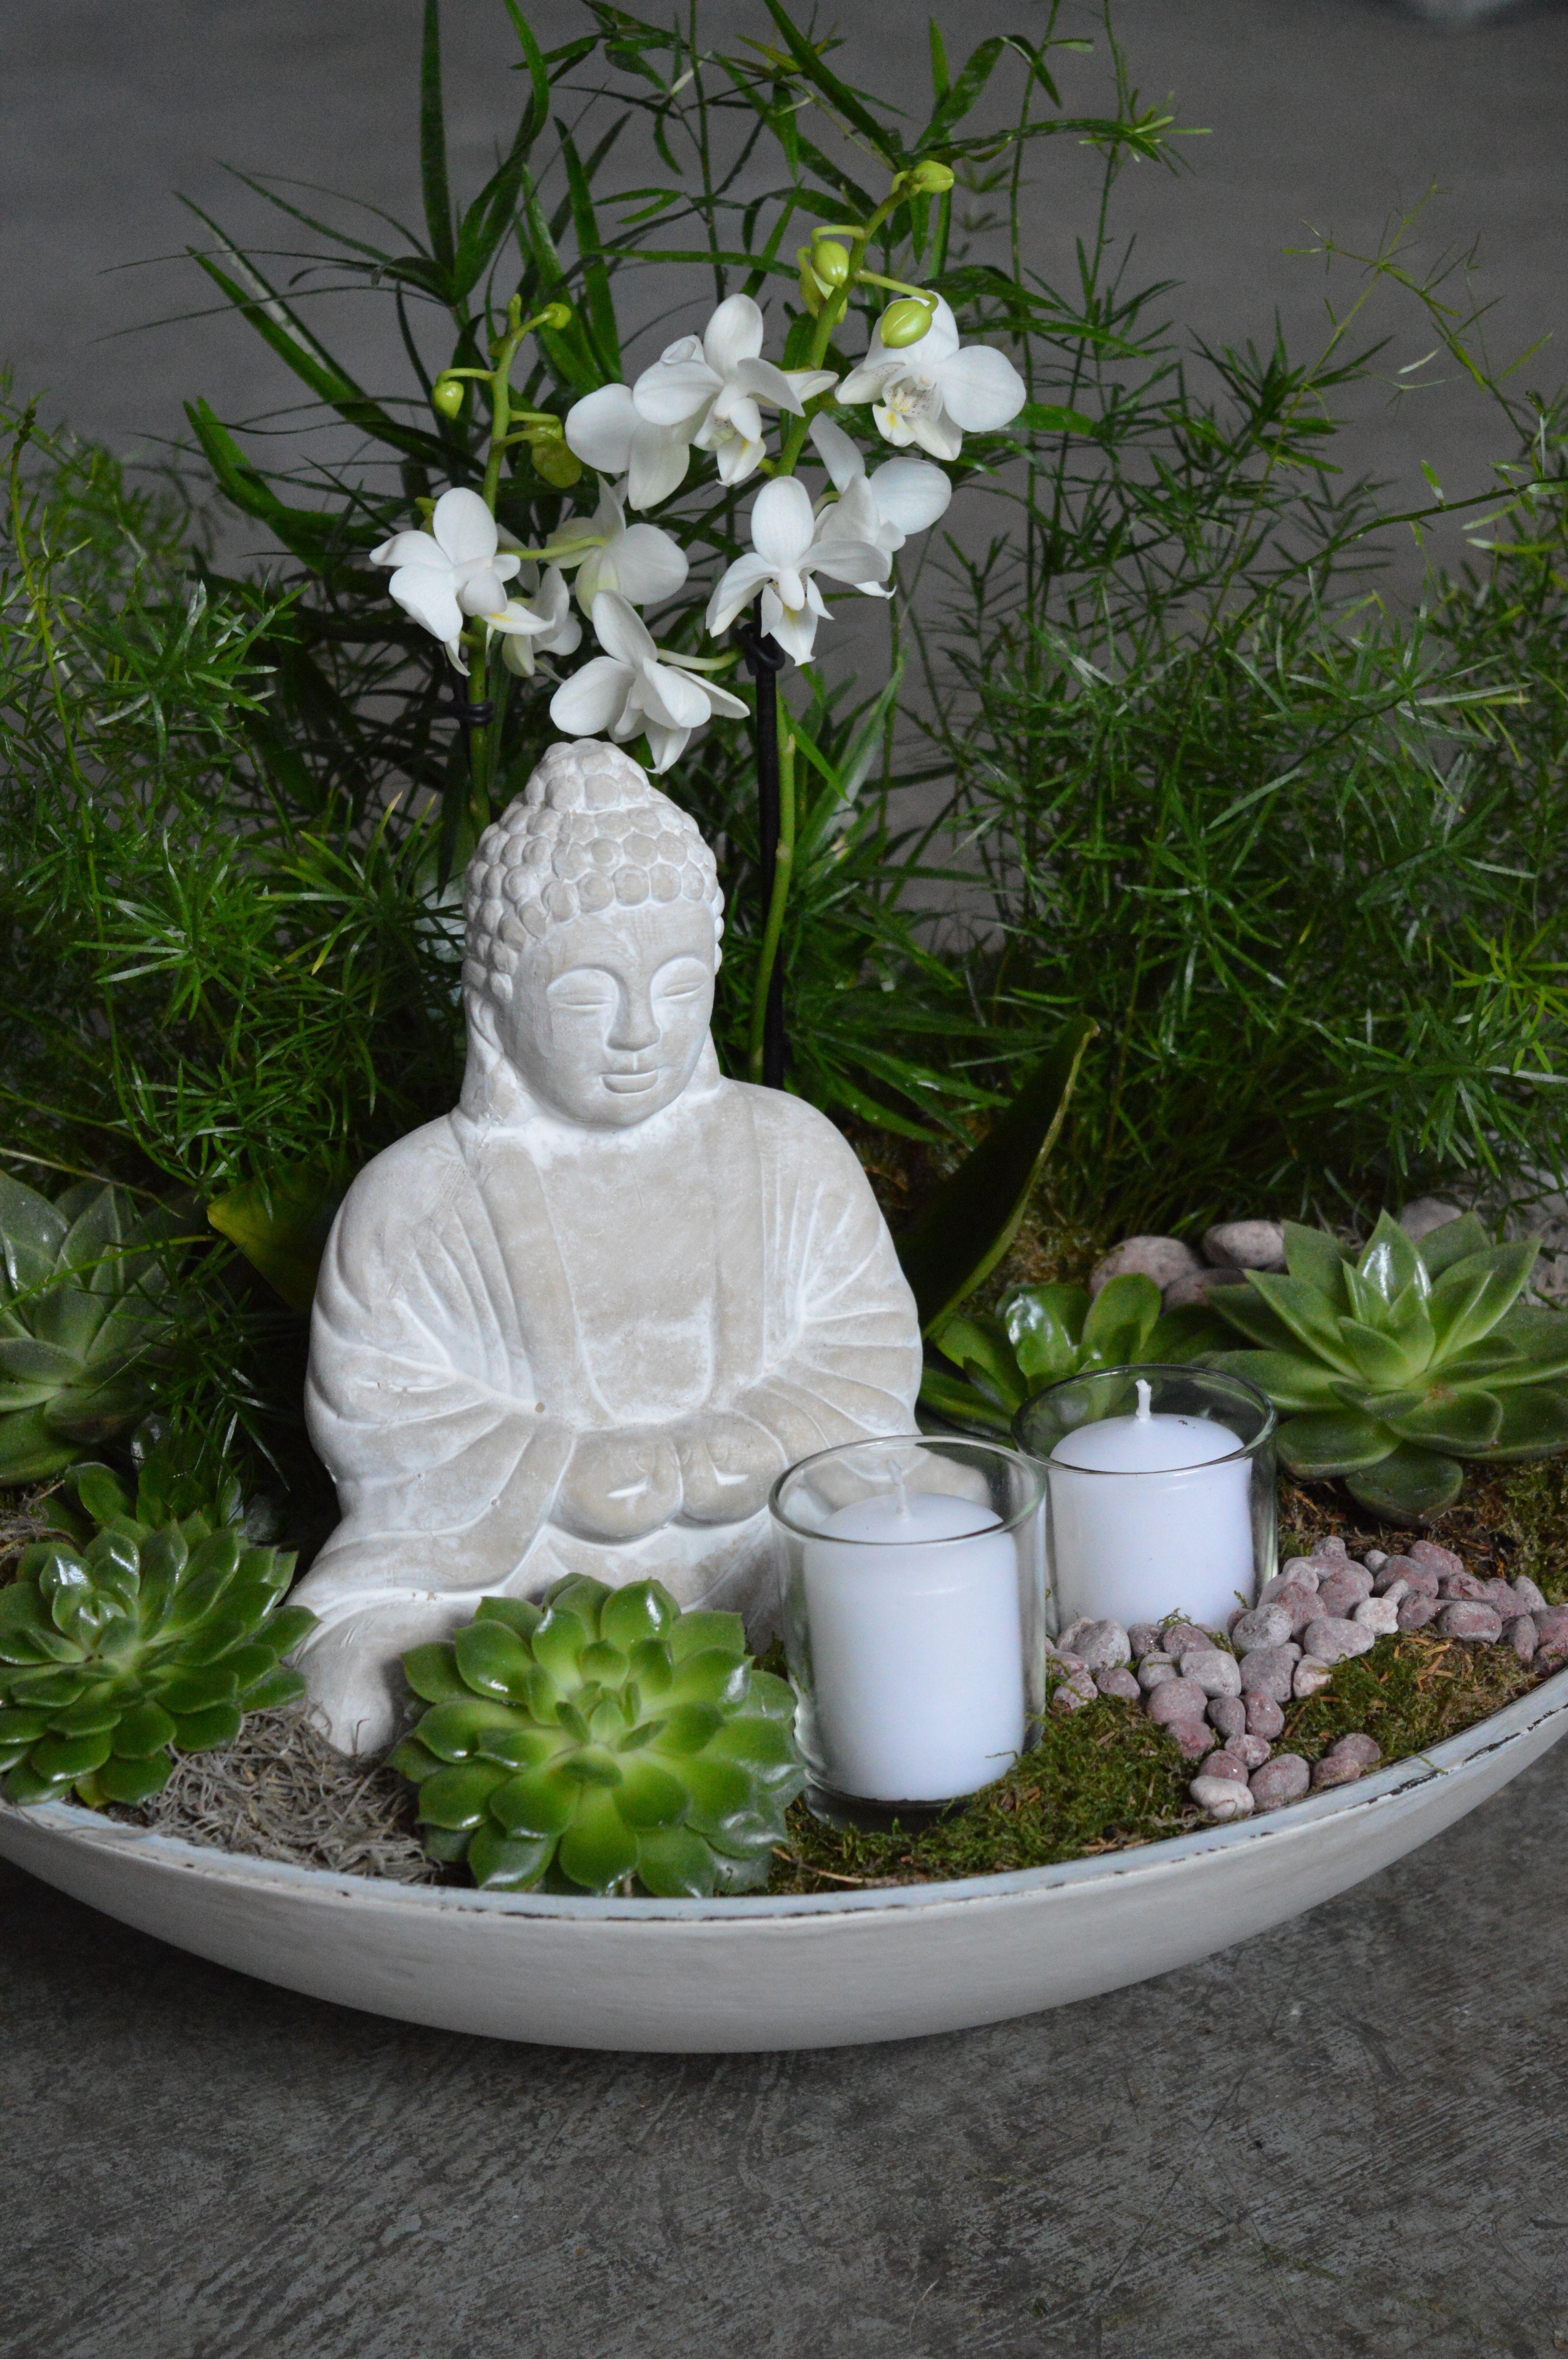 Beautiful Zen Garden Created With Lots Of Succulents Orchids Fern Plants With A Buddha And Candles In The Zen Garden Diy Indoor Zen Garden Zen Garden Design